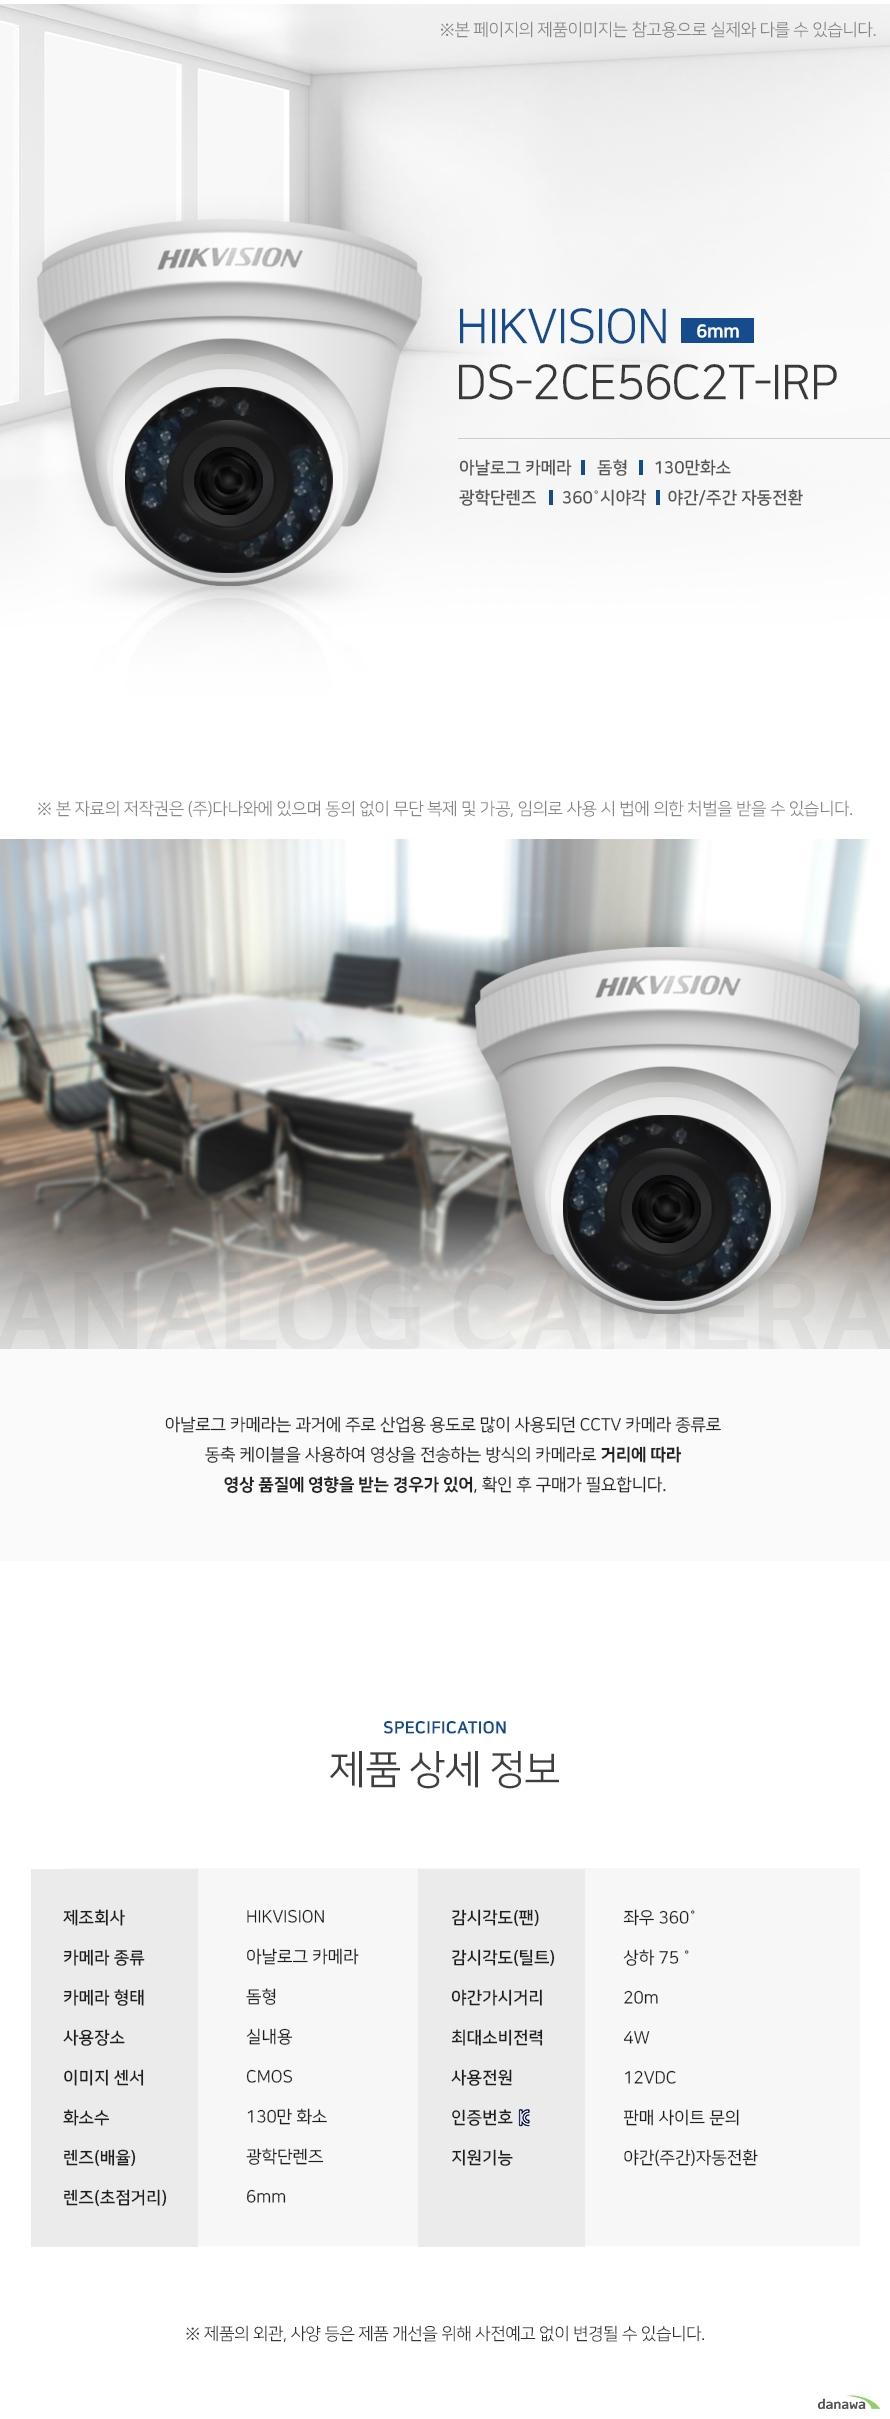 HIKVISION DS-2CE56C2T-IRP 아날로그카메라 돔형 130만화소 광학단렌즈 360도 시야각  야간 주간 자동전환 아날로그 카메라는 과거에 주로 산업용 용도로 많이 사용되던 CCTV 카메라 종류로  동축 케이블을 사용하여 영상을 전송하는 방식의 카메라로 거리에 따라  영상 품질에 영향을 받는 경우가 있어, 확인 후 구매가 필요합니다. 제품상세정보